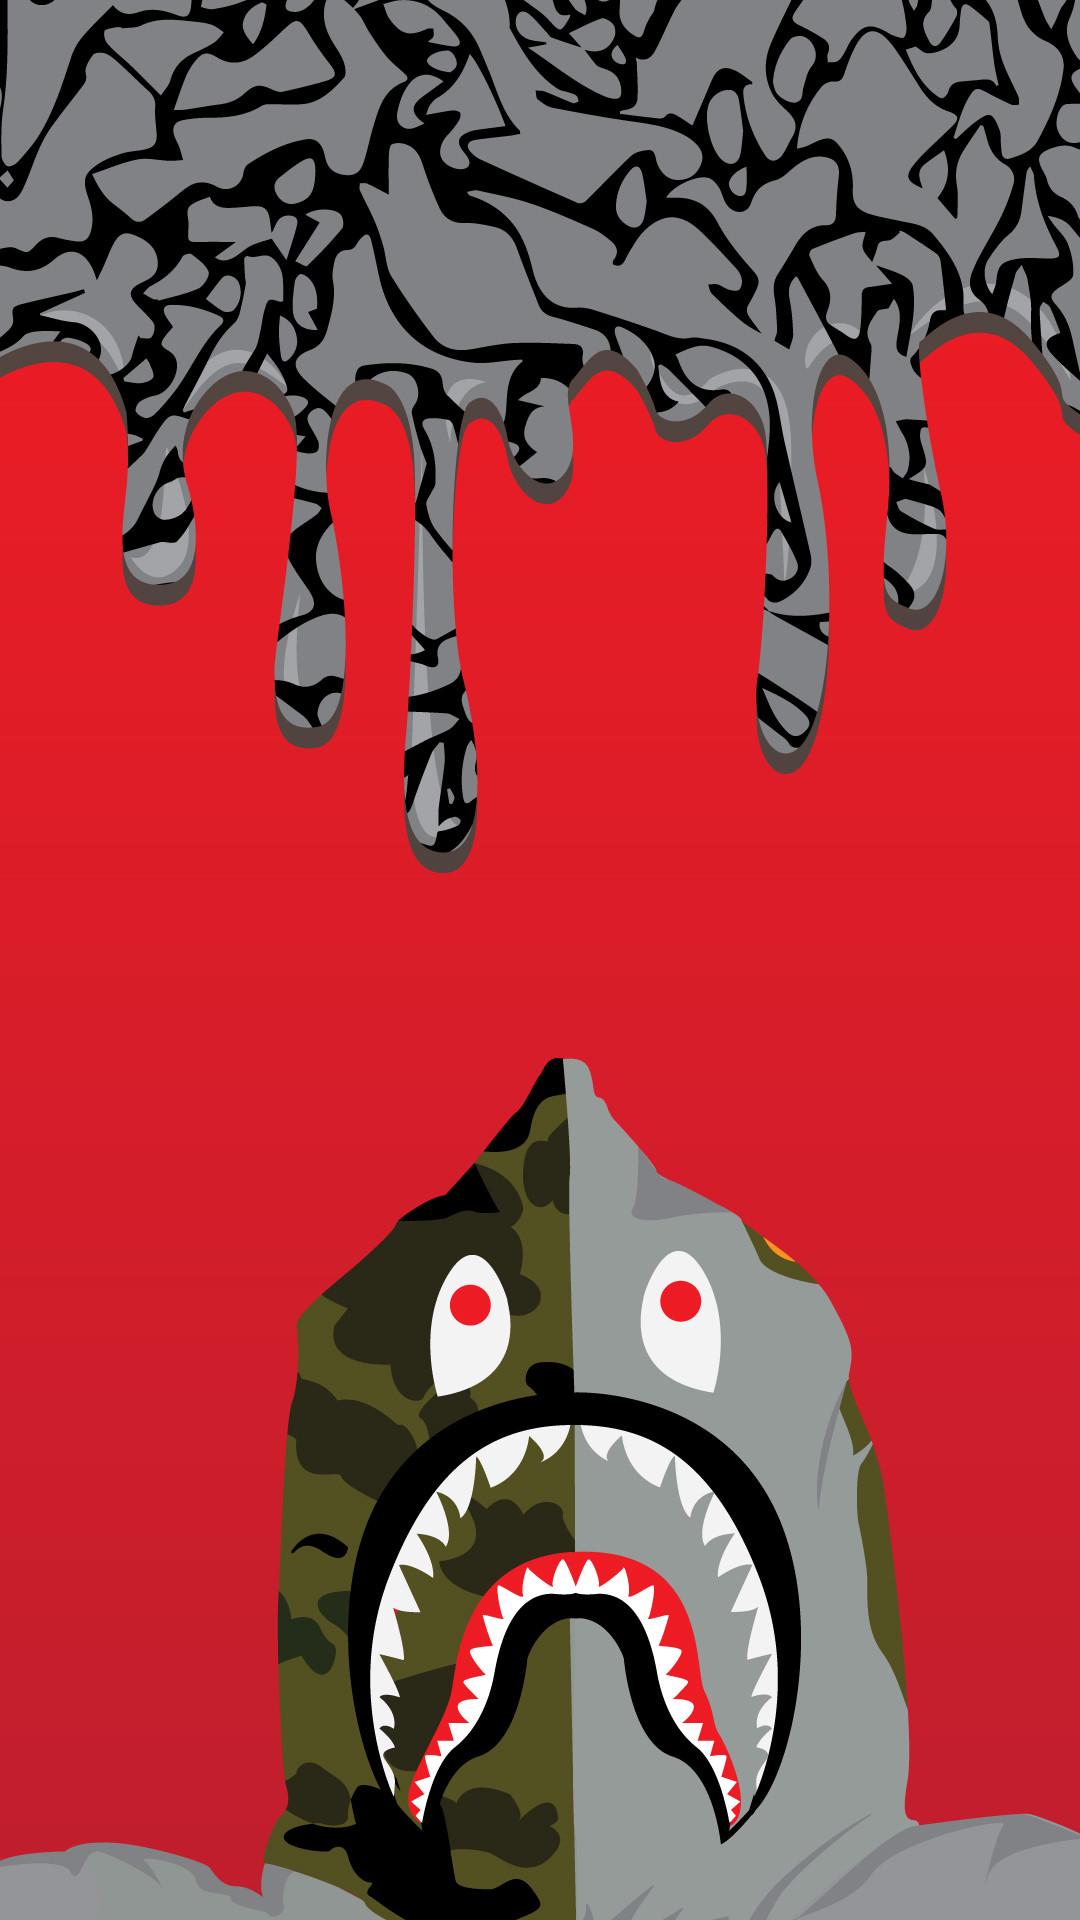 ゴジラ フィギュア プレミア | ウルトラマン ソフビ ウルトラ6兄弟 50周年 ゴールドの通販 by トマトソース's shop|ラクマ